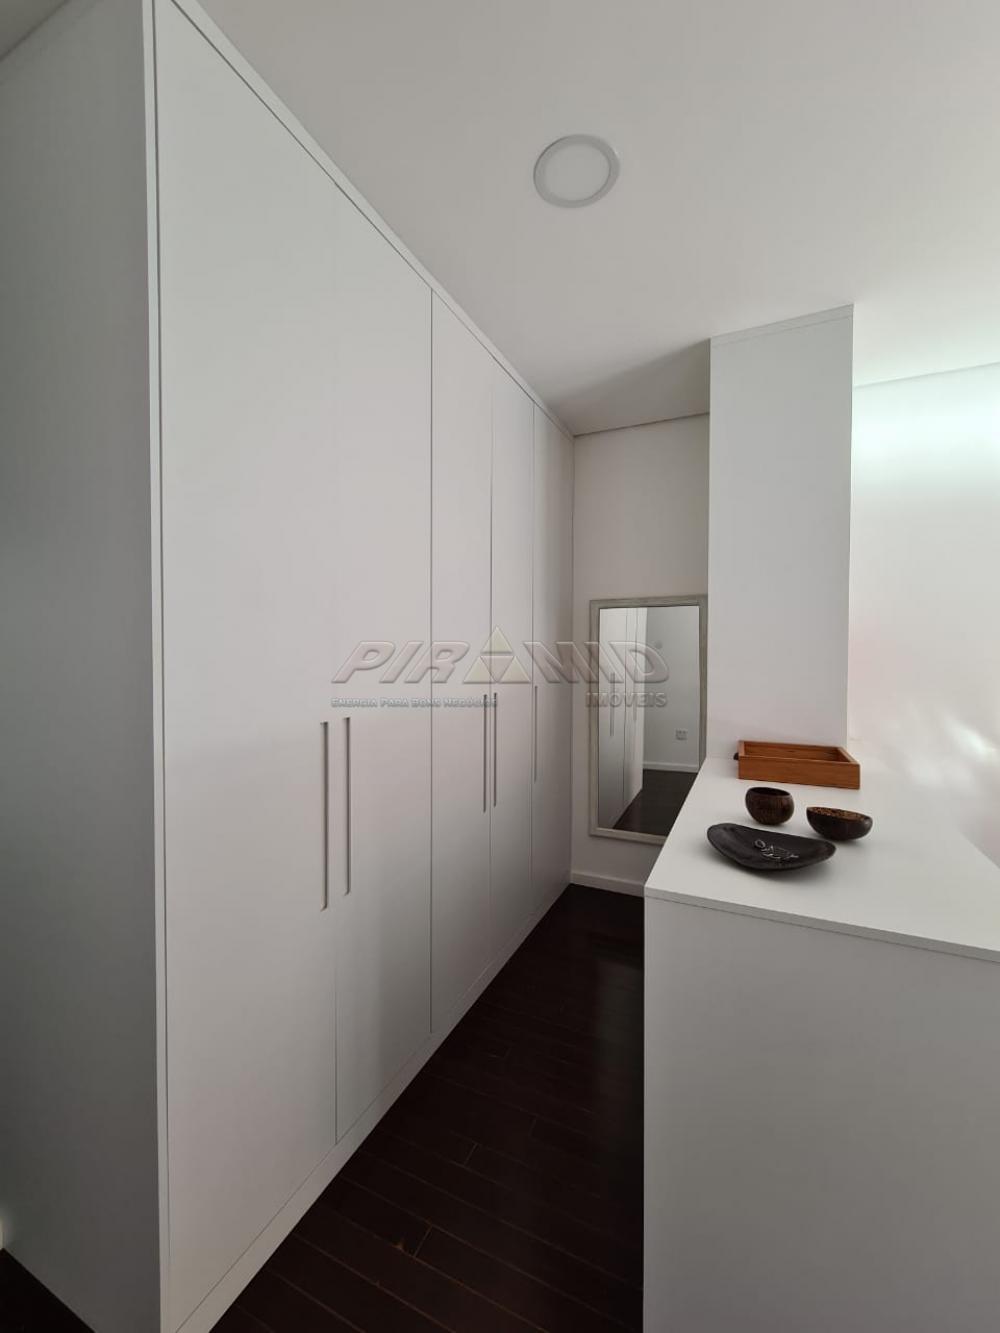 Comprar Casa / Condomínio em Bonfim Paulista R$ 2.500.000,00 - Foto 8